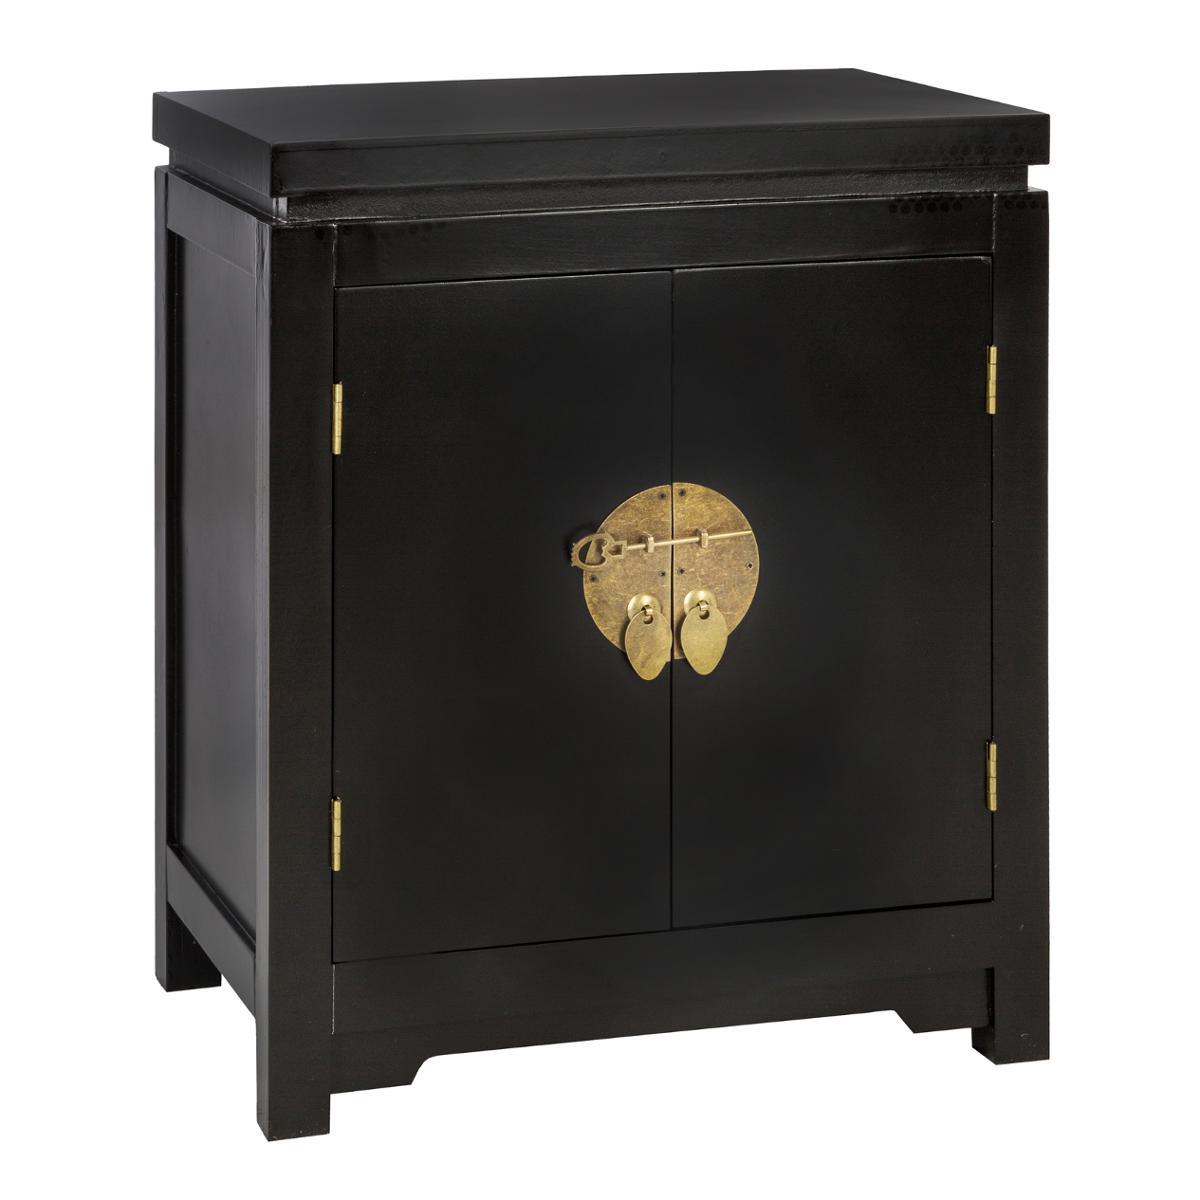 Table De Chevet Componibili chevet noir achat / vente de chevet pas cher